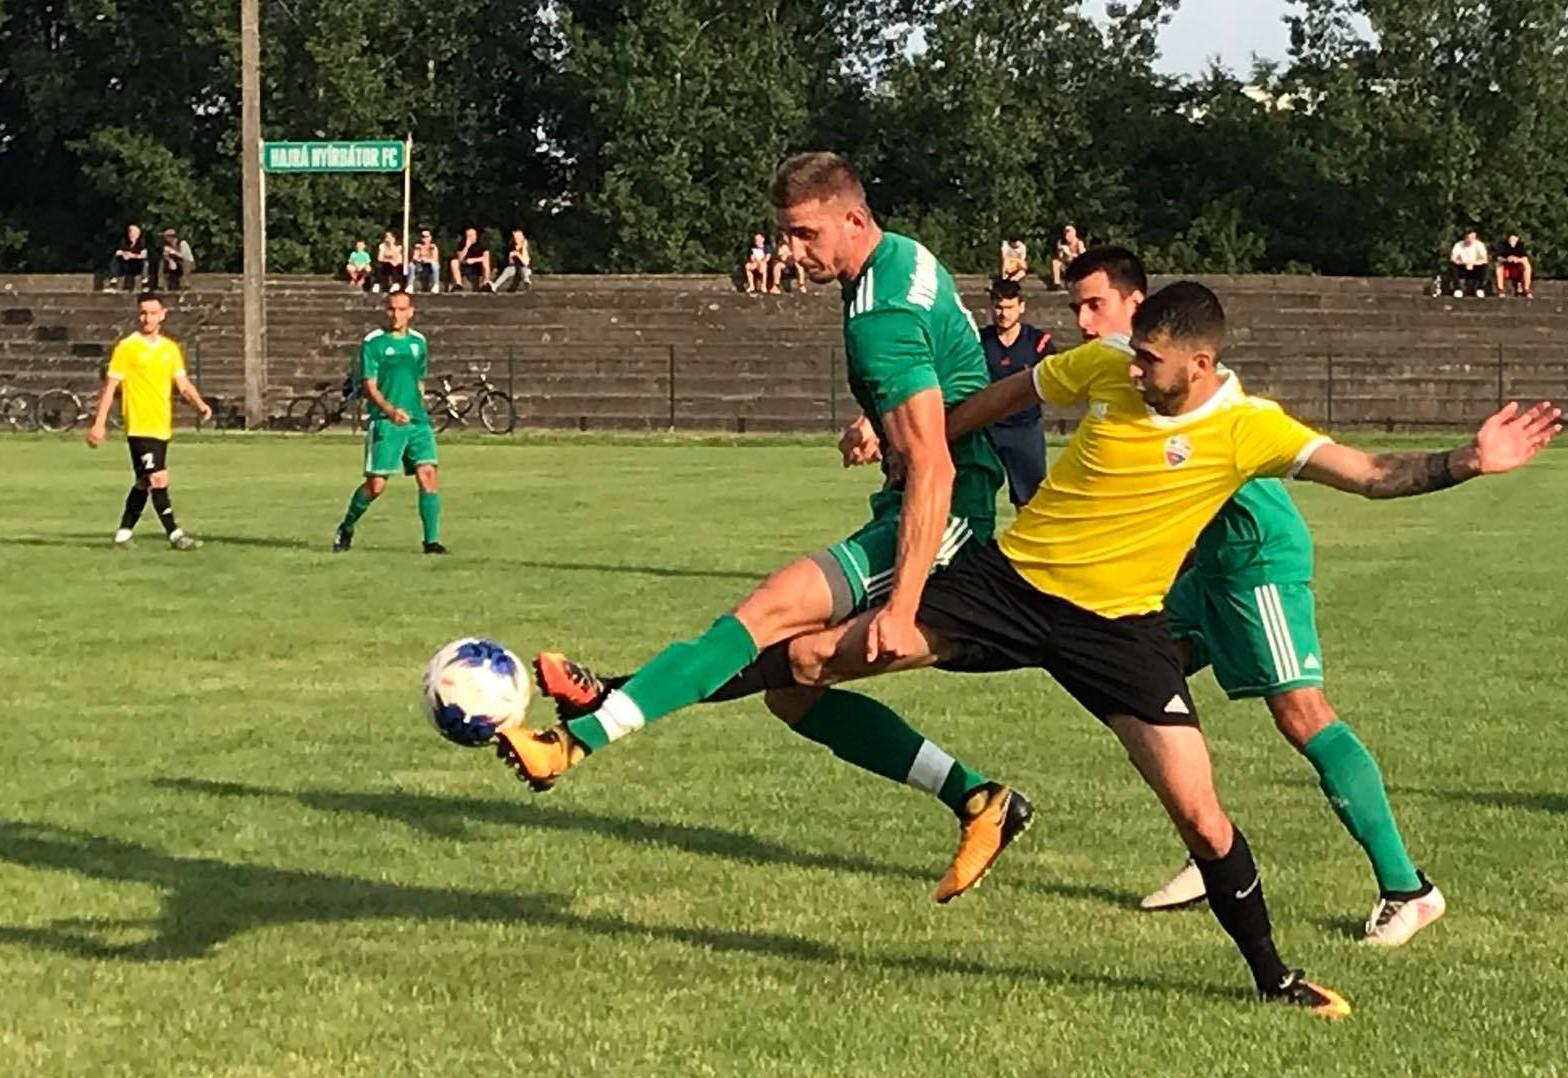 Magyar Kupa Szatmari Rangado Gyarmaton Szomszedvari Meccs Batorban Szabolcs Foci Info